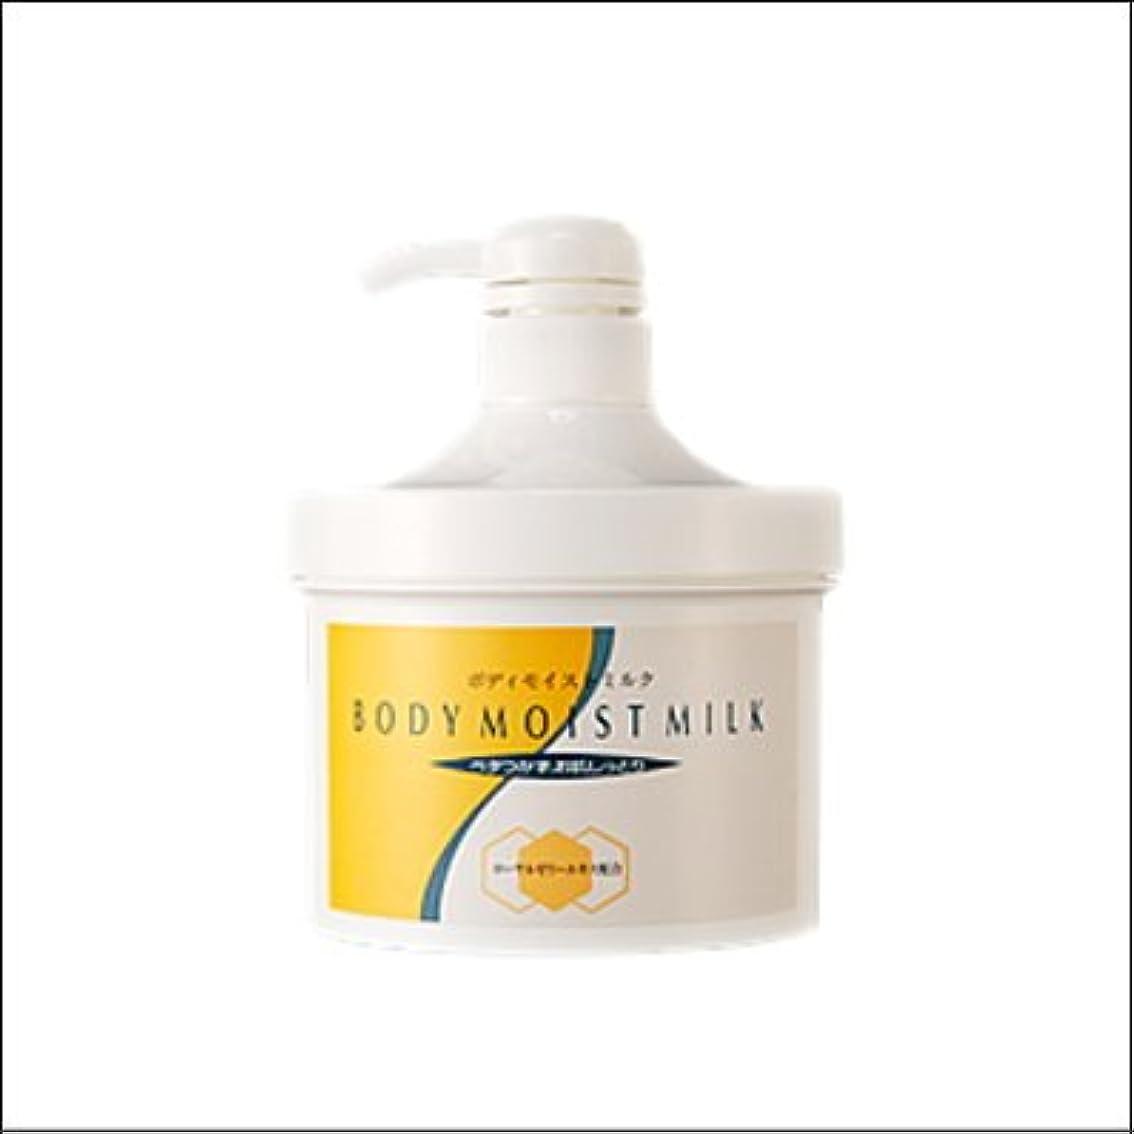 モナリザ要塞蓋馬油 ボディモイストミルク